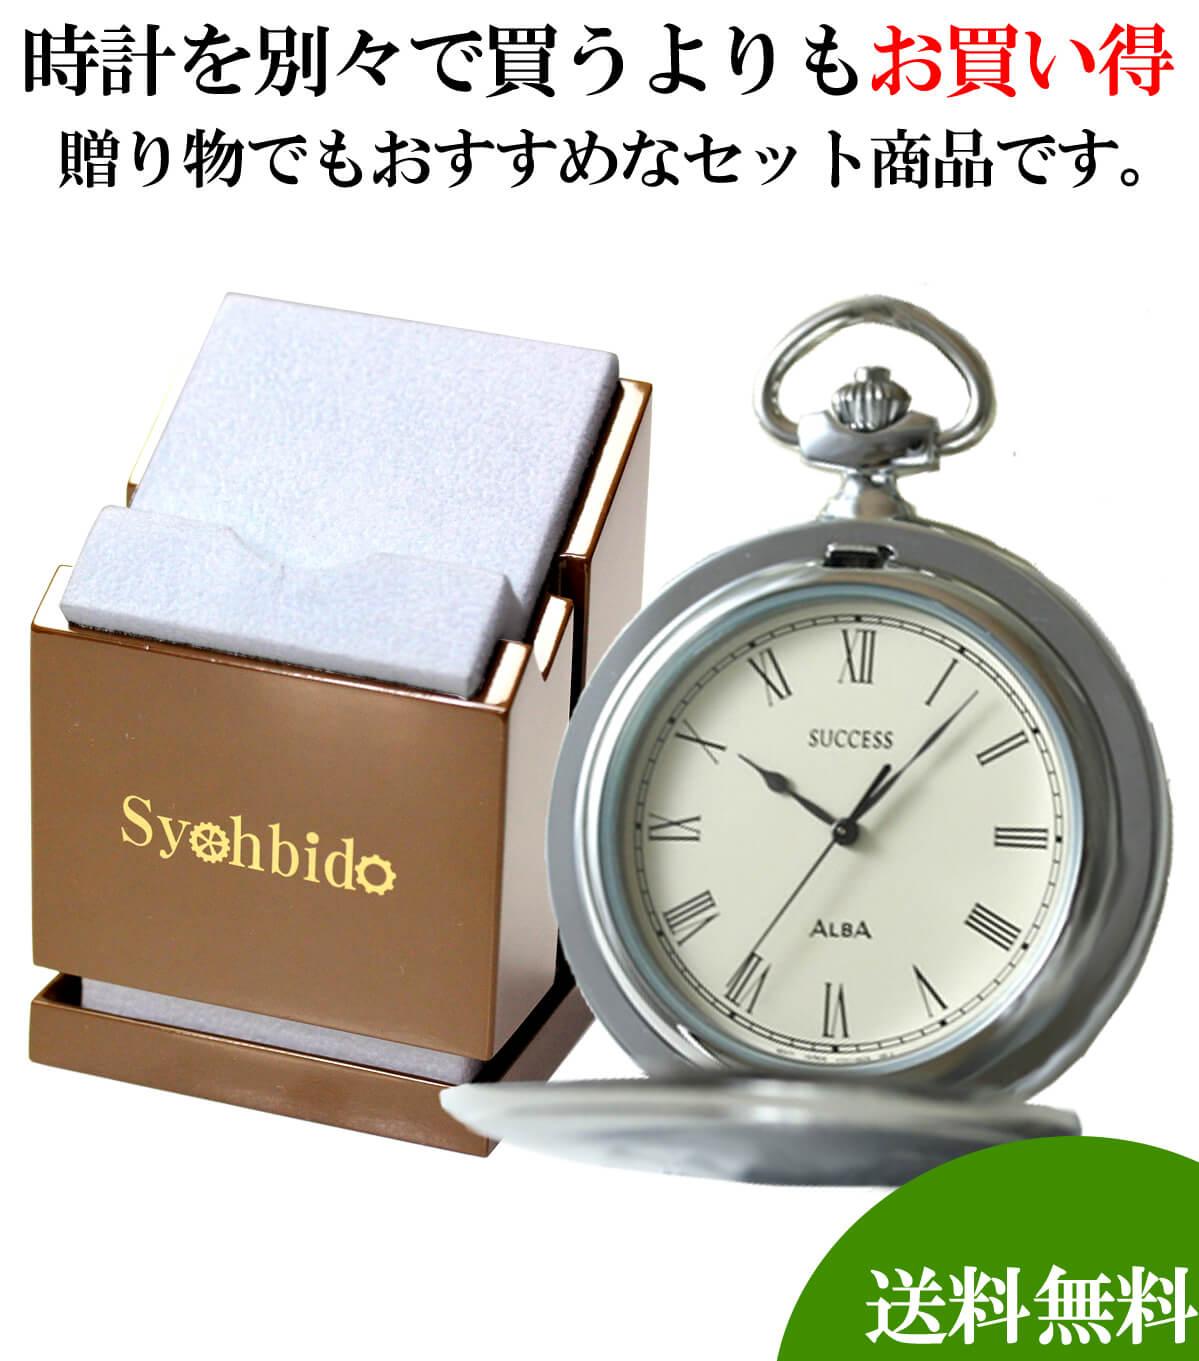 懐中時計と懐中時計専用スタンドのセット aabw141